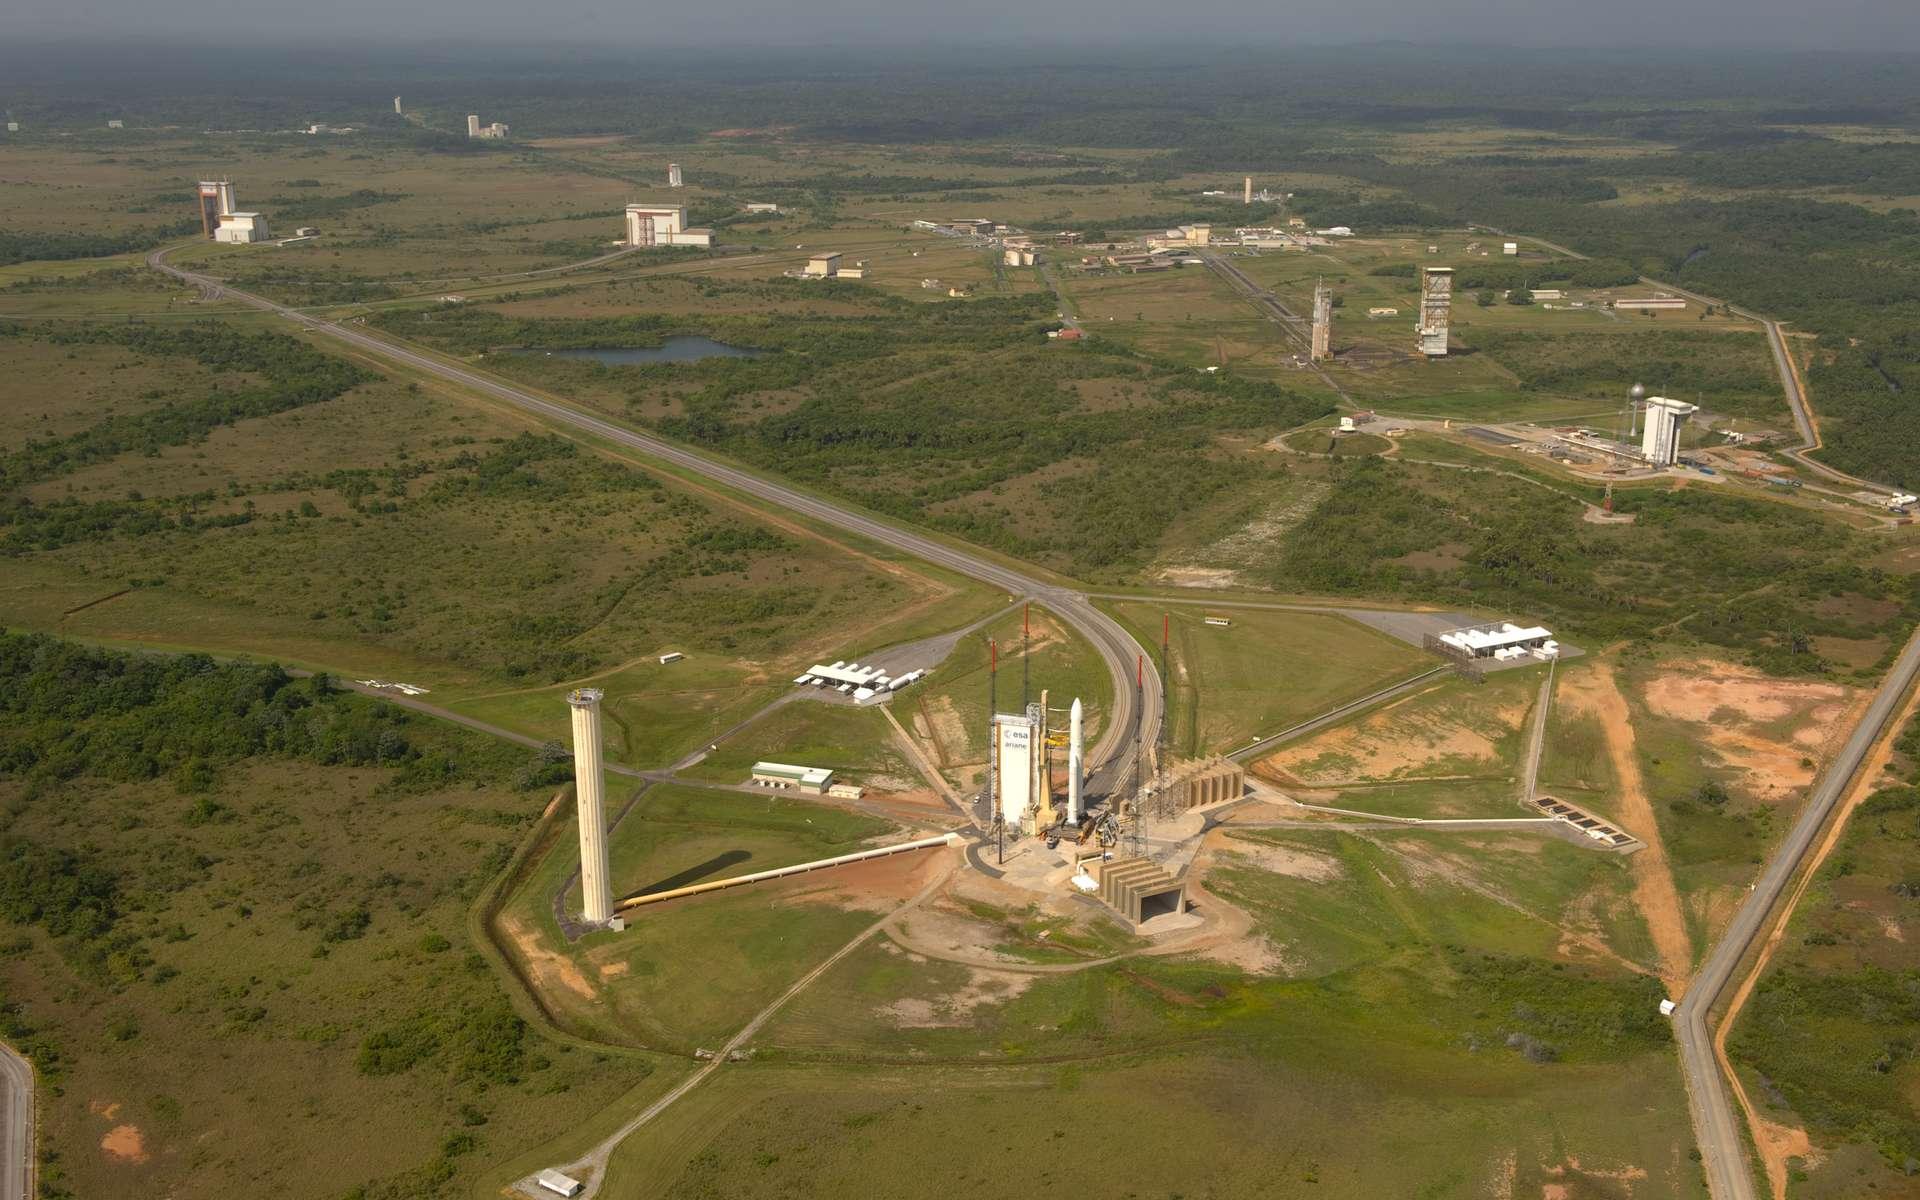 Vue aérienne des installations au sol du Centre spatial guyanais dédiées à Ariane 5. Au premier plan, la zone de lancement (ELA-3). © Esa/S. Corvaja